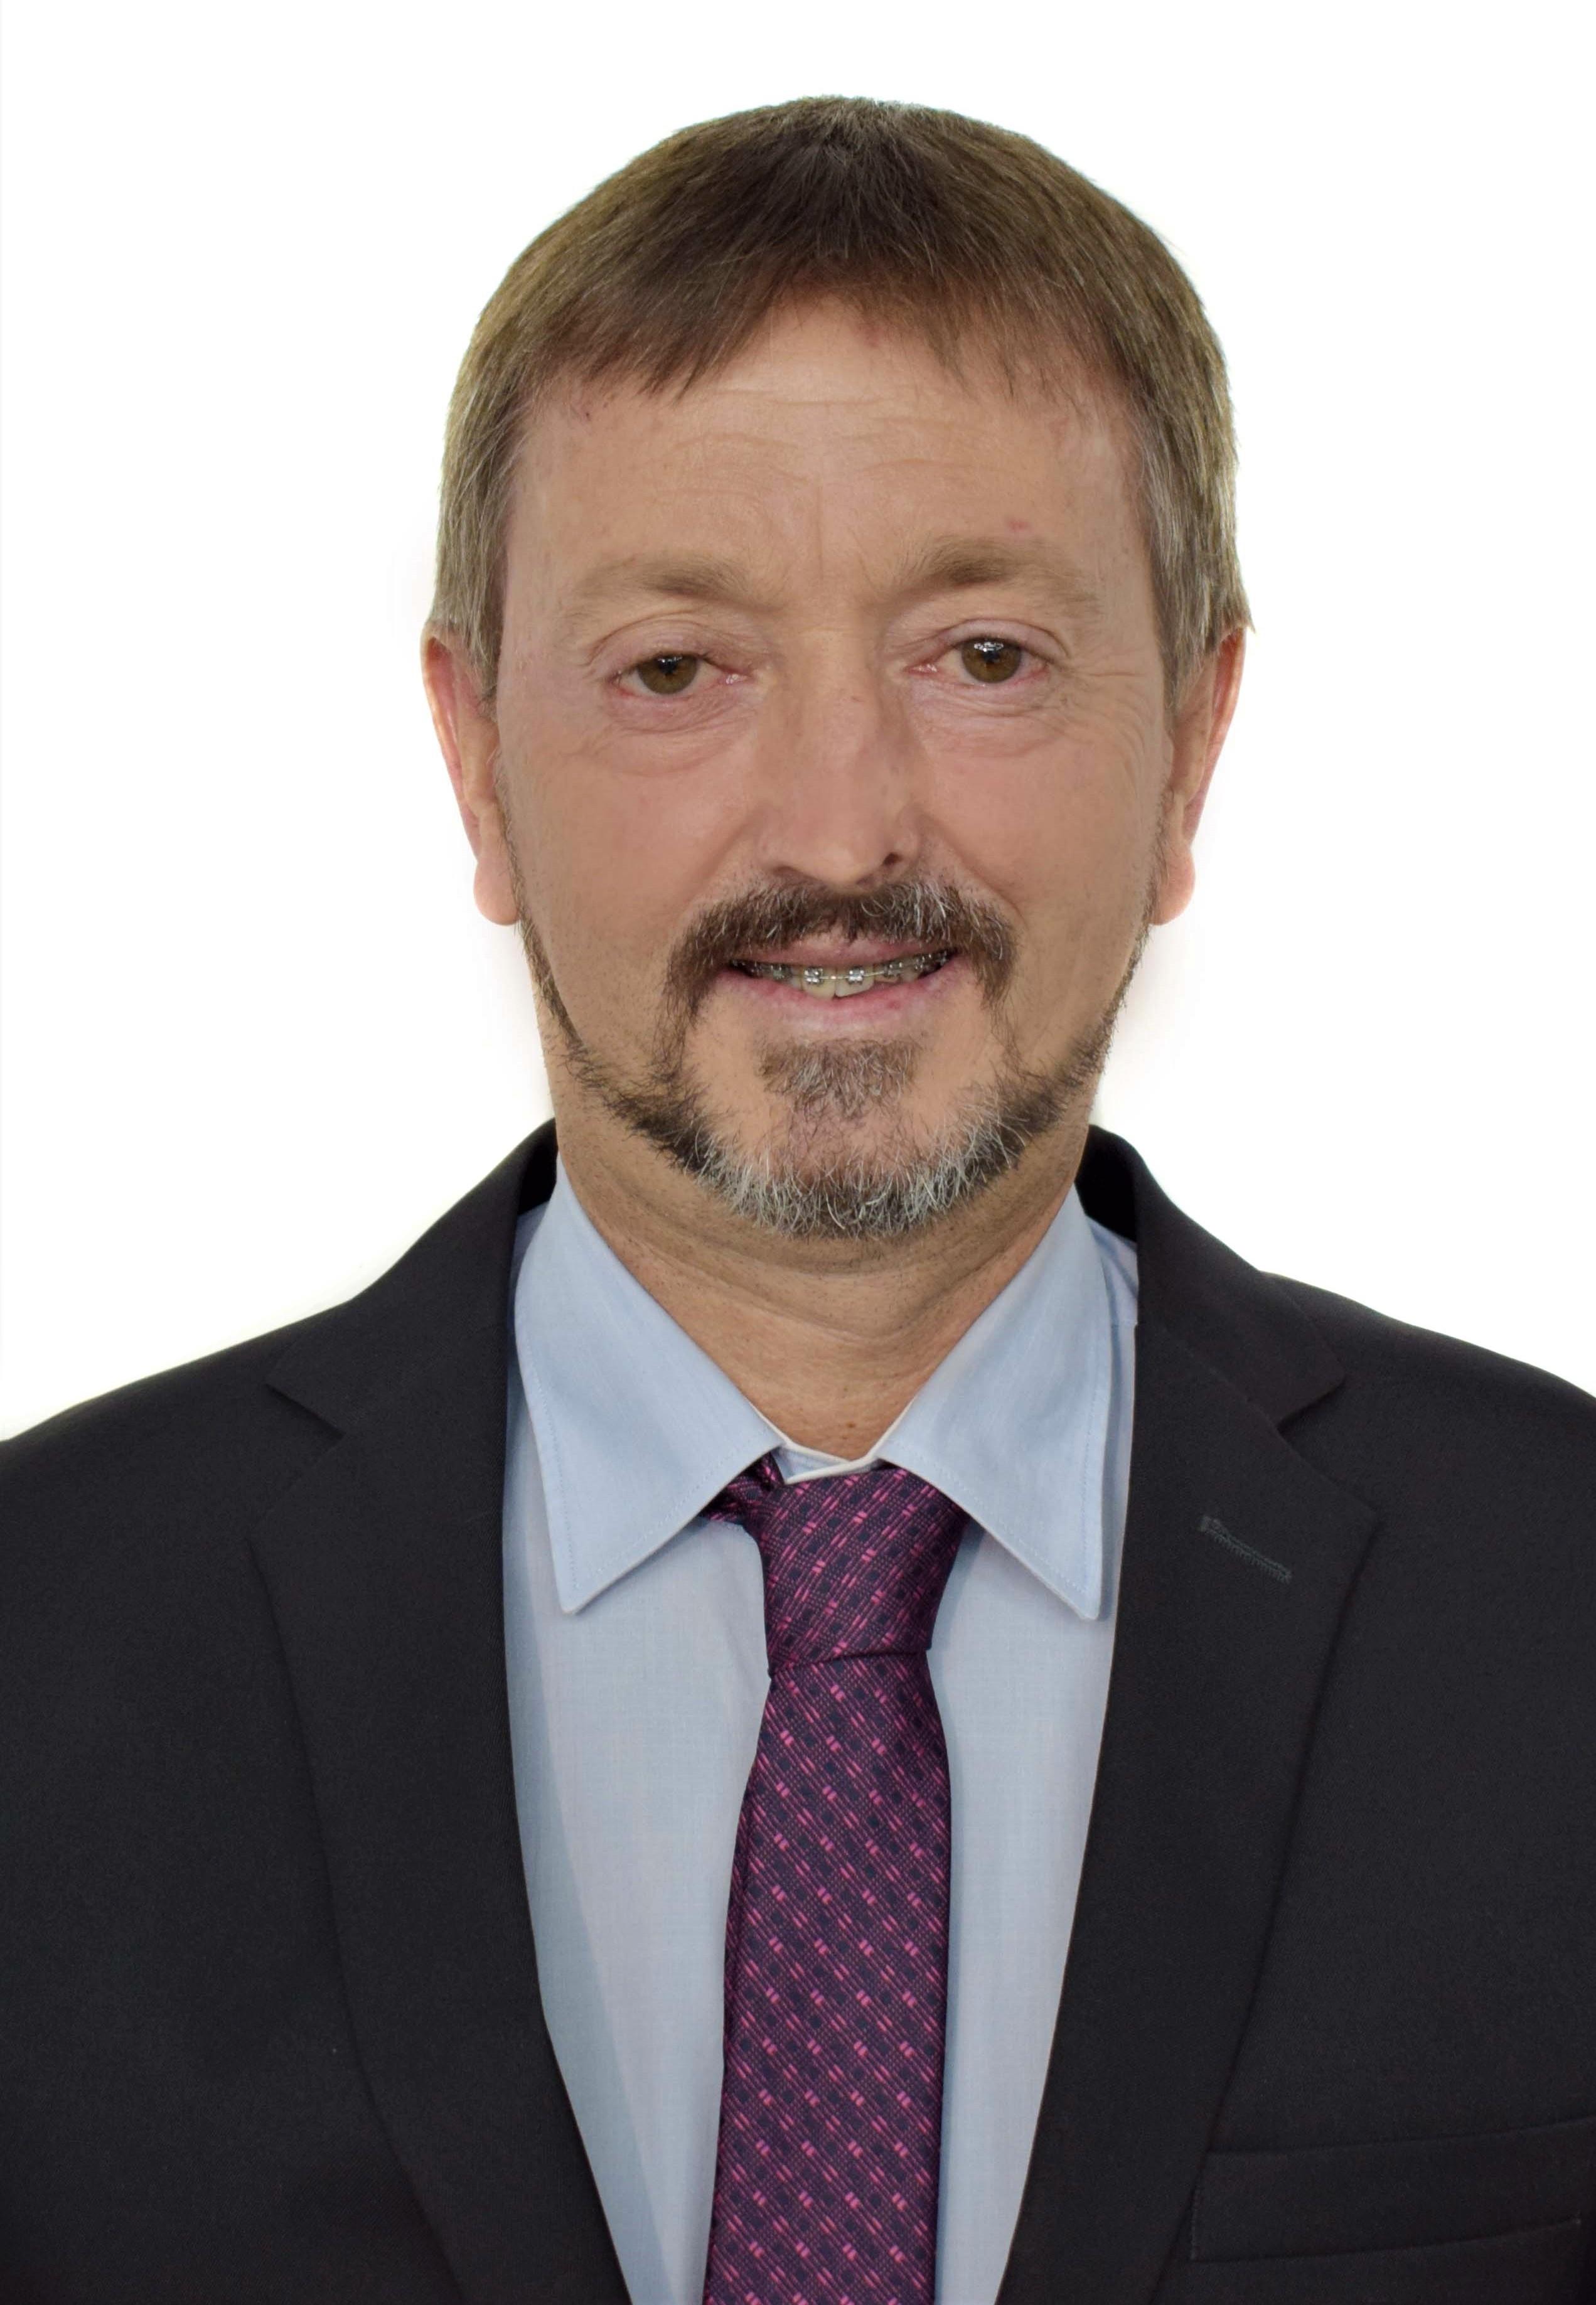 José Fabio Demuner